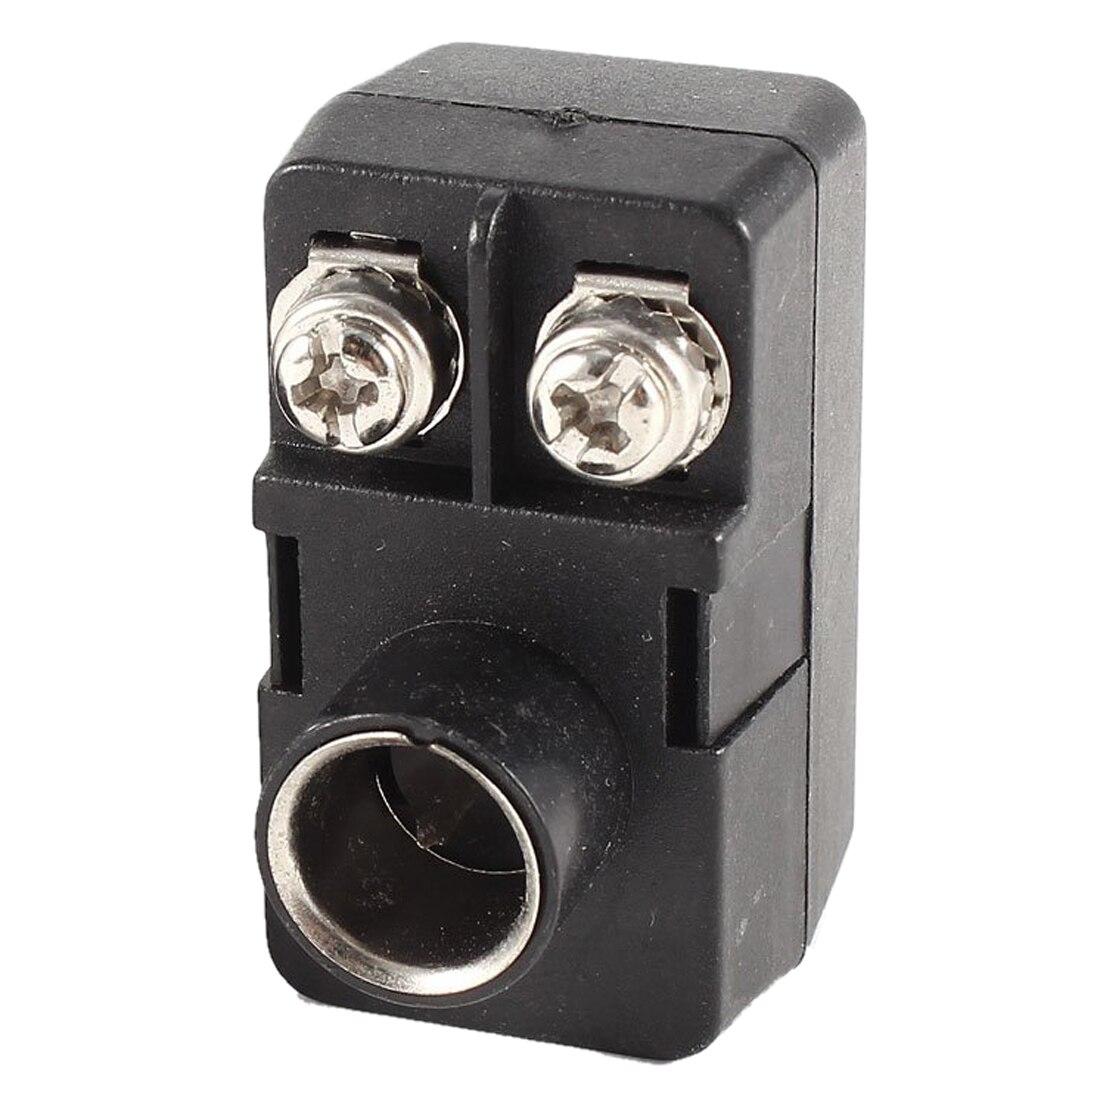 Совершенно новый 2 x Push-On антенна соответствующий трансформатор 300/75 Ом ТВ F коаксиальный адаптер